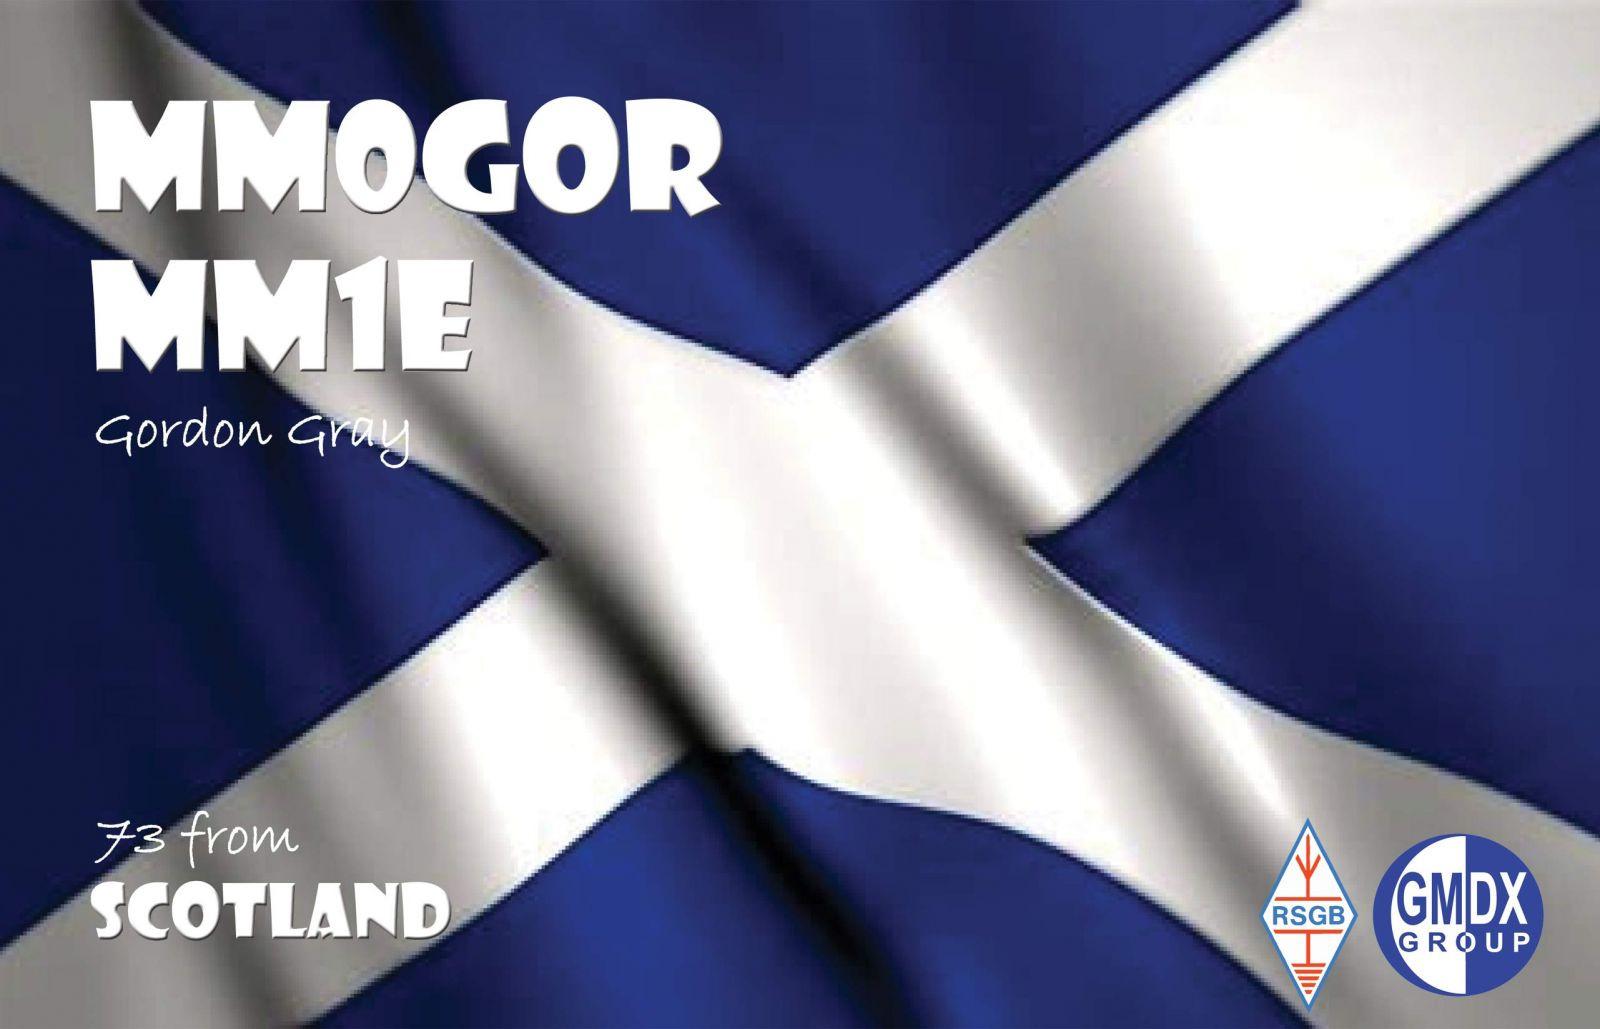 MM1E Glasgow, Scotland